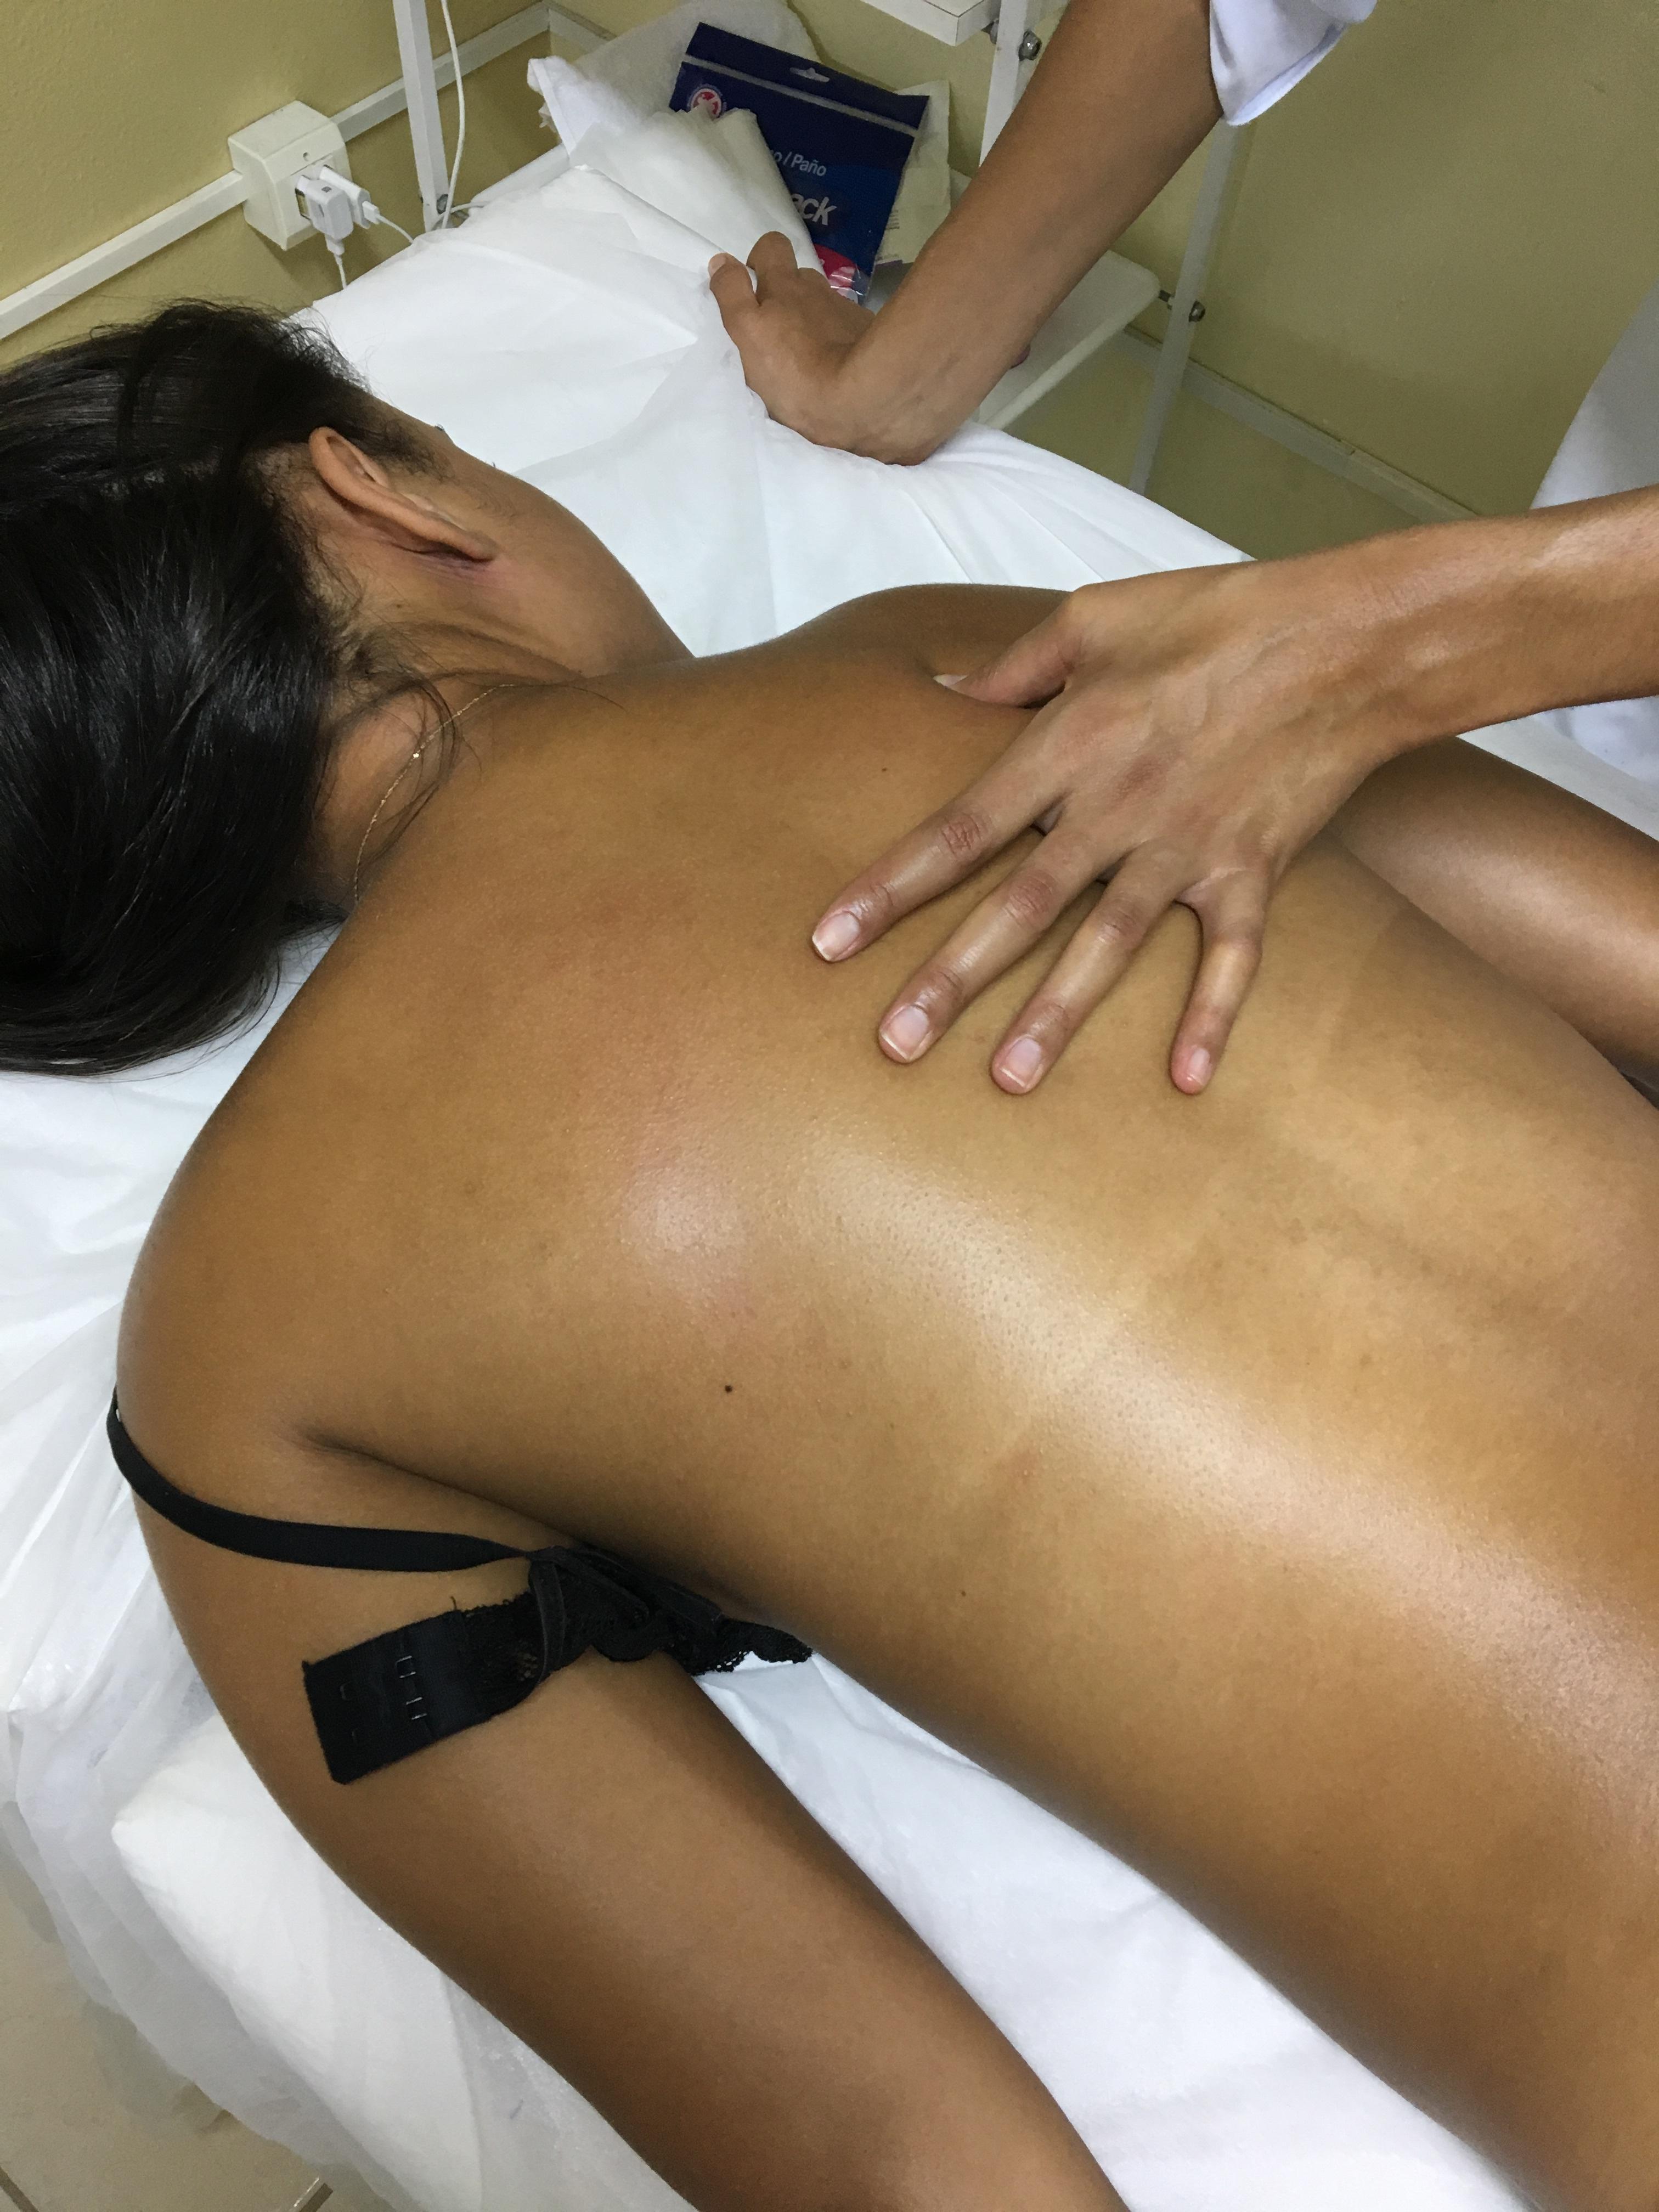 Massagem 💆🏻 Relaxante '..... Promovendo Relaxamento e Alívio de Dores Musculares!!!! Trazendo Conforto e Tranquilidade Após um Dia Cansativo de Trabalho! estética esteticista auxiliar cabeleireiro(a)